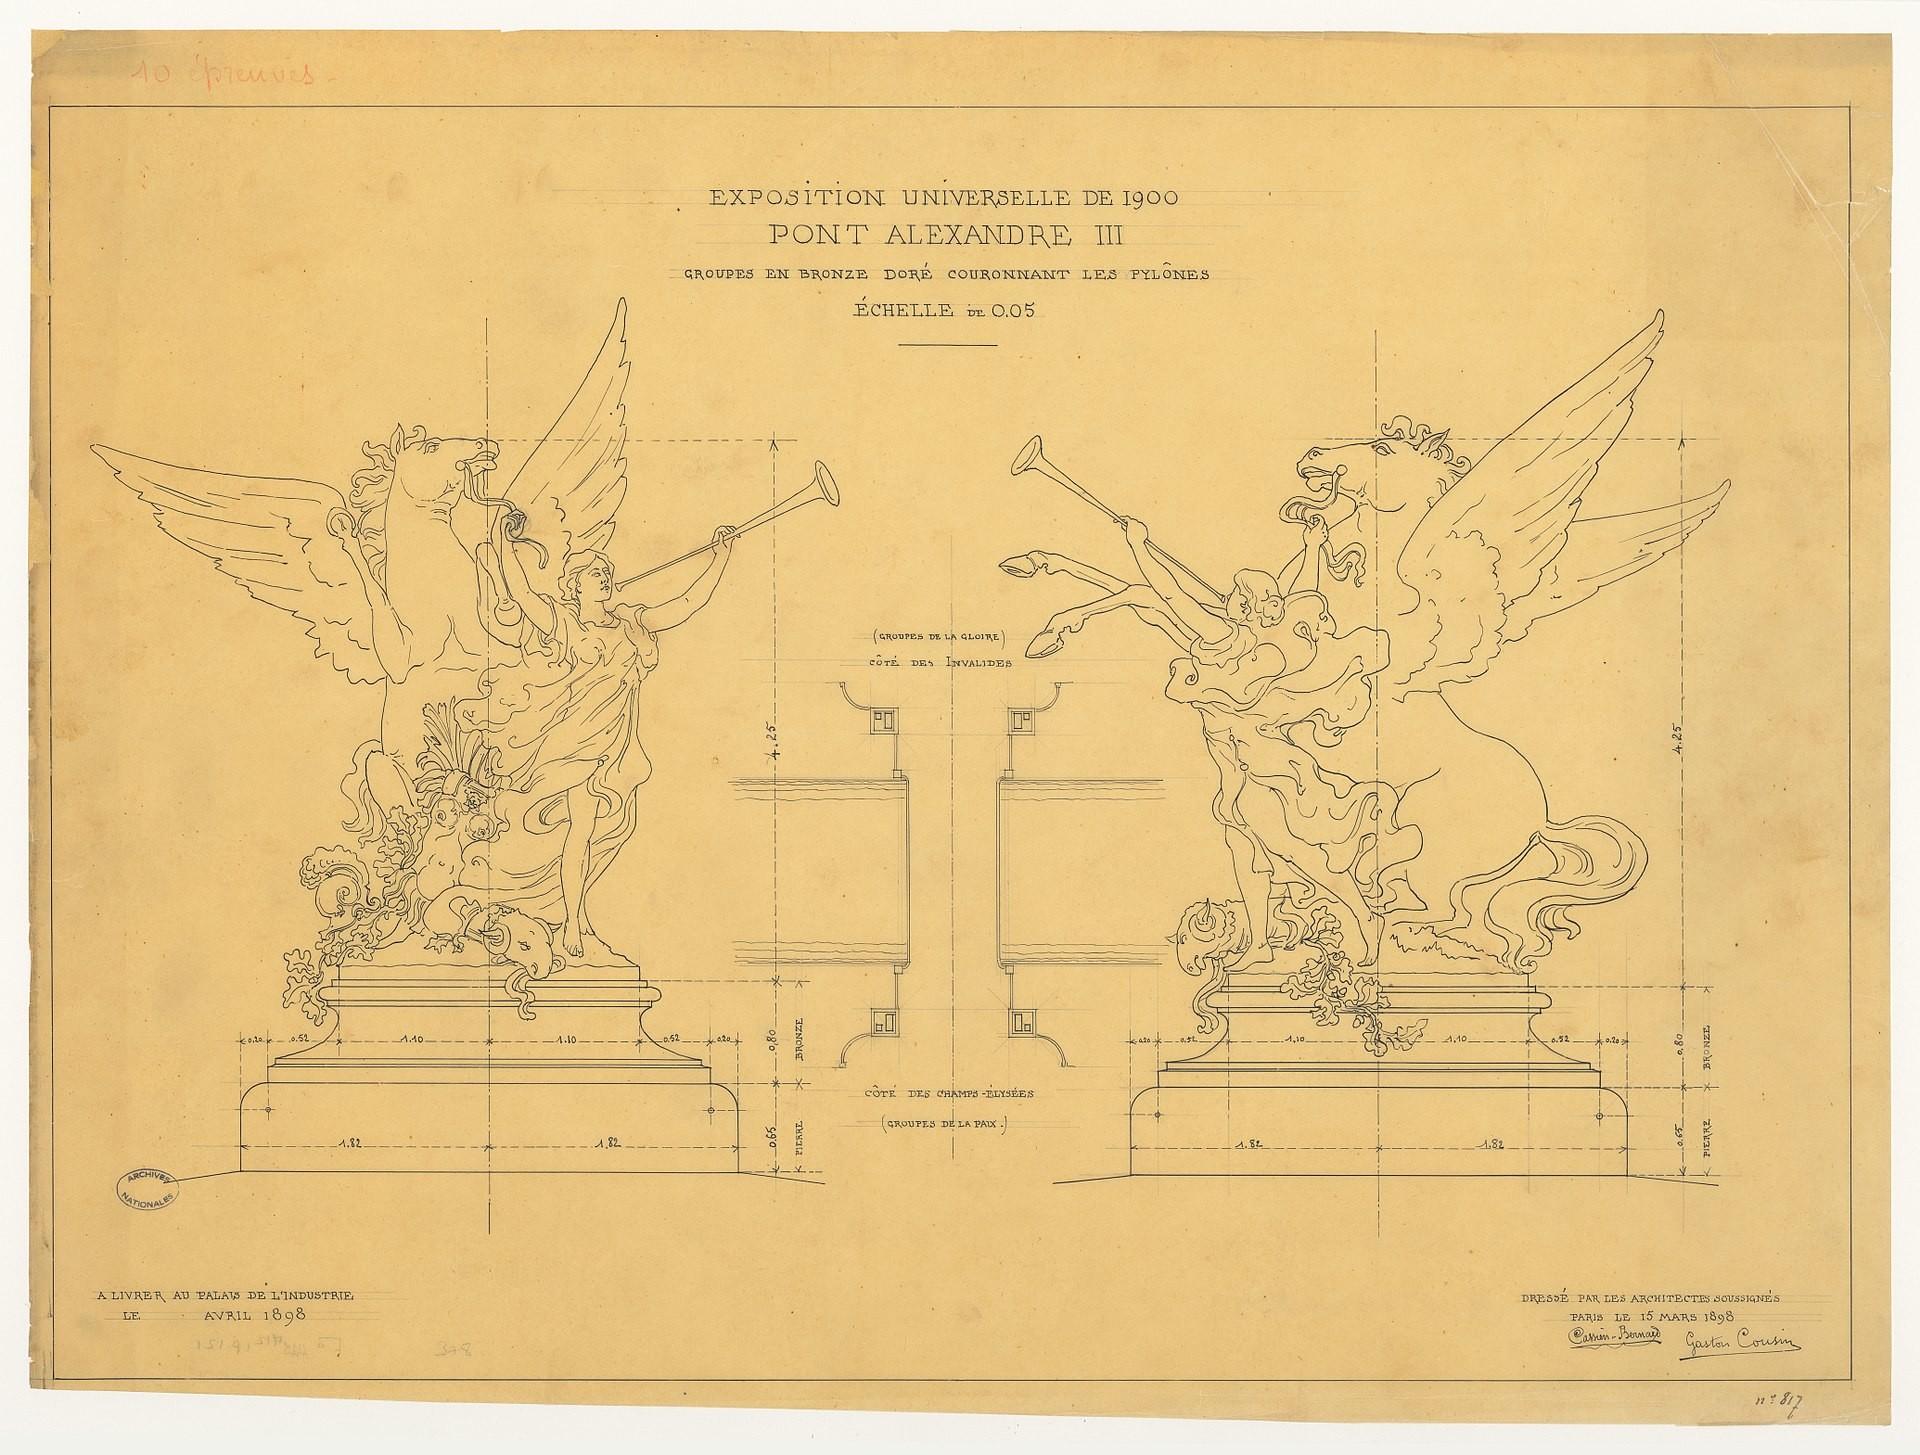 L'exposition universelle de 1900, le pont Alexandre-III. Groupes en bronze doré couronnant les pylônes